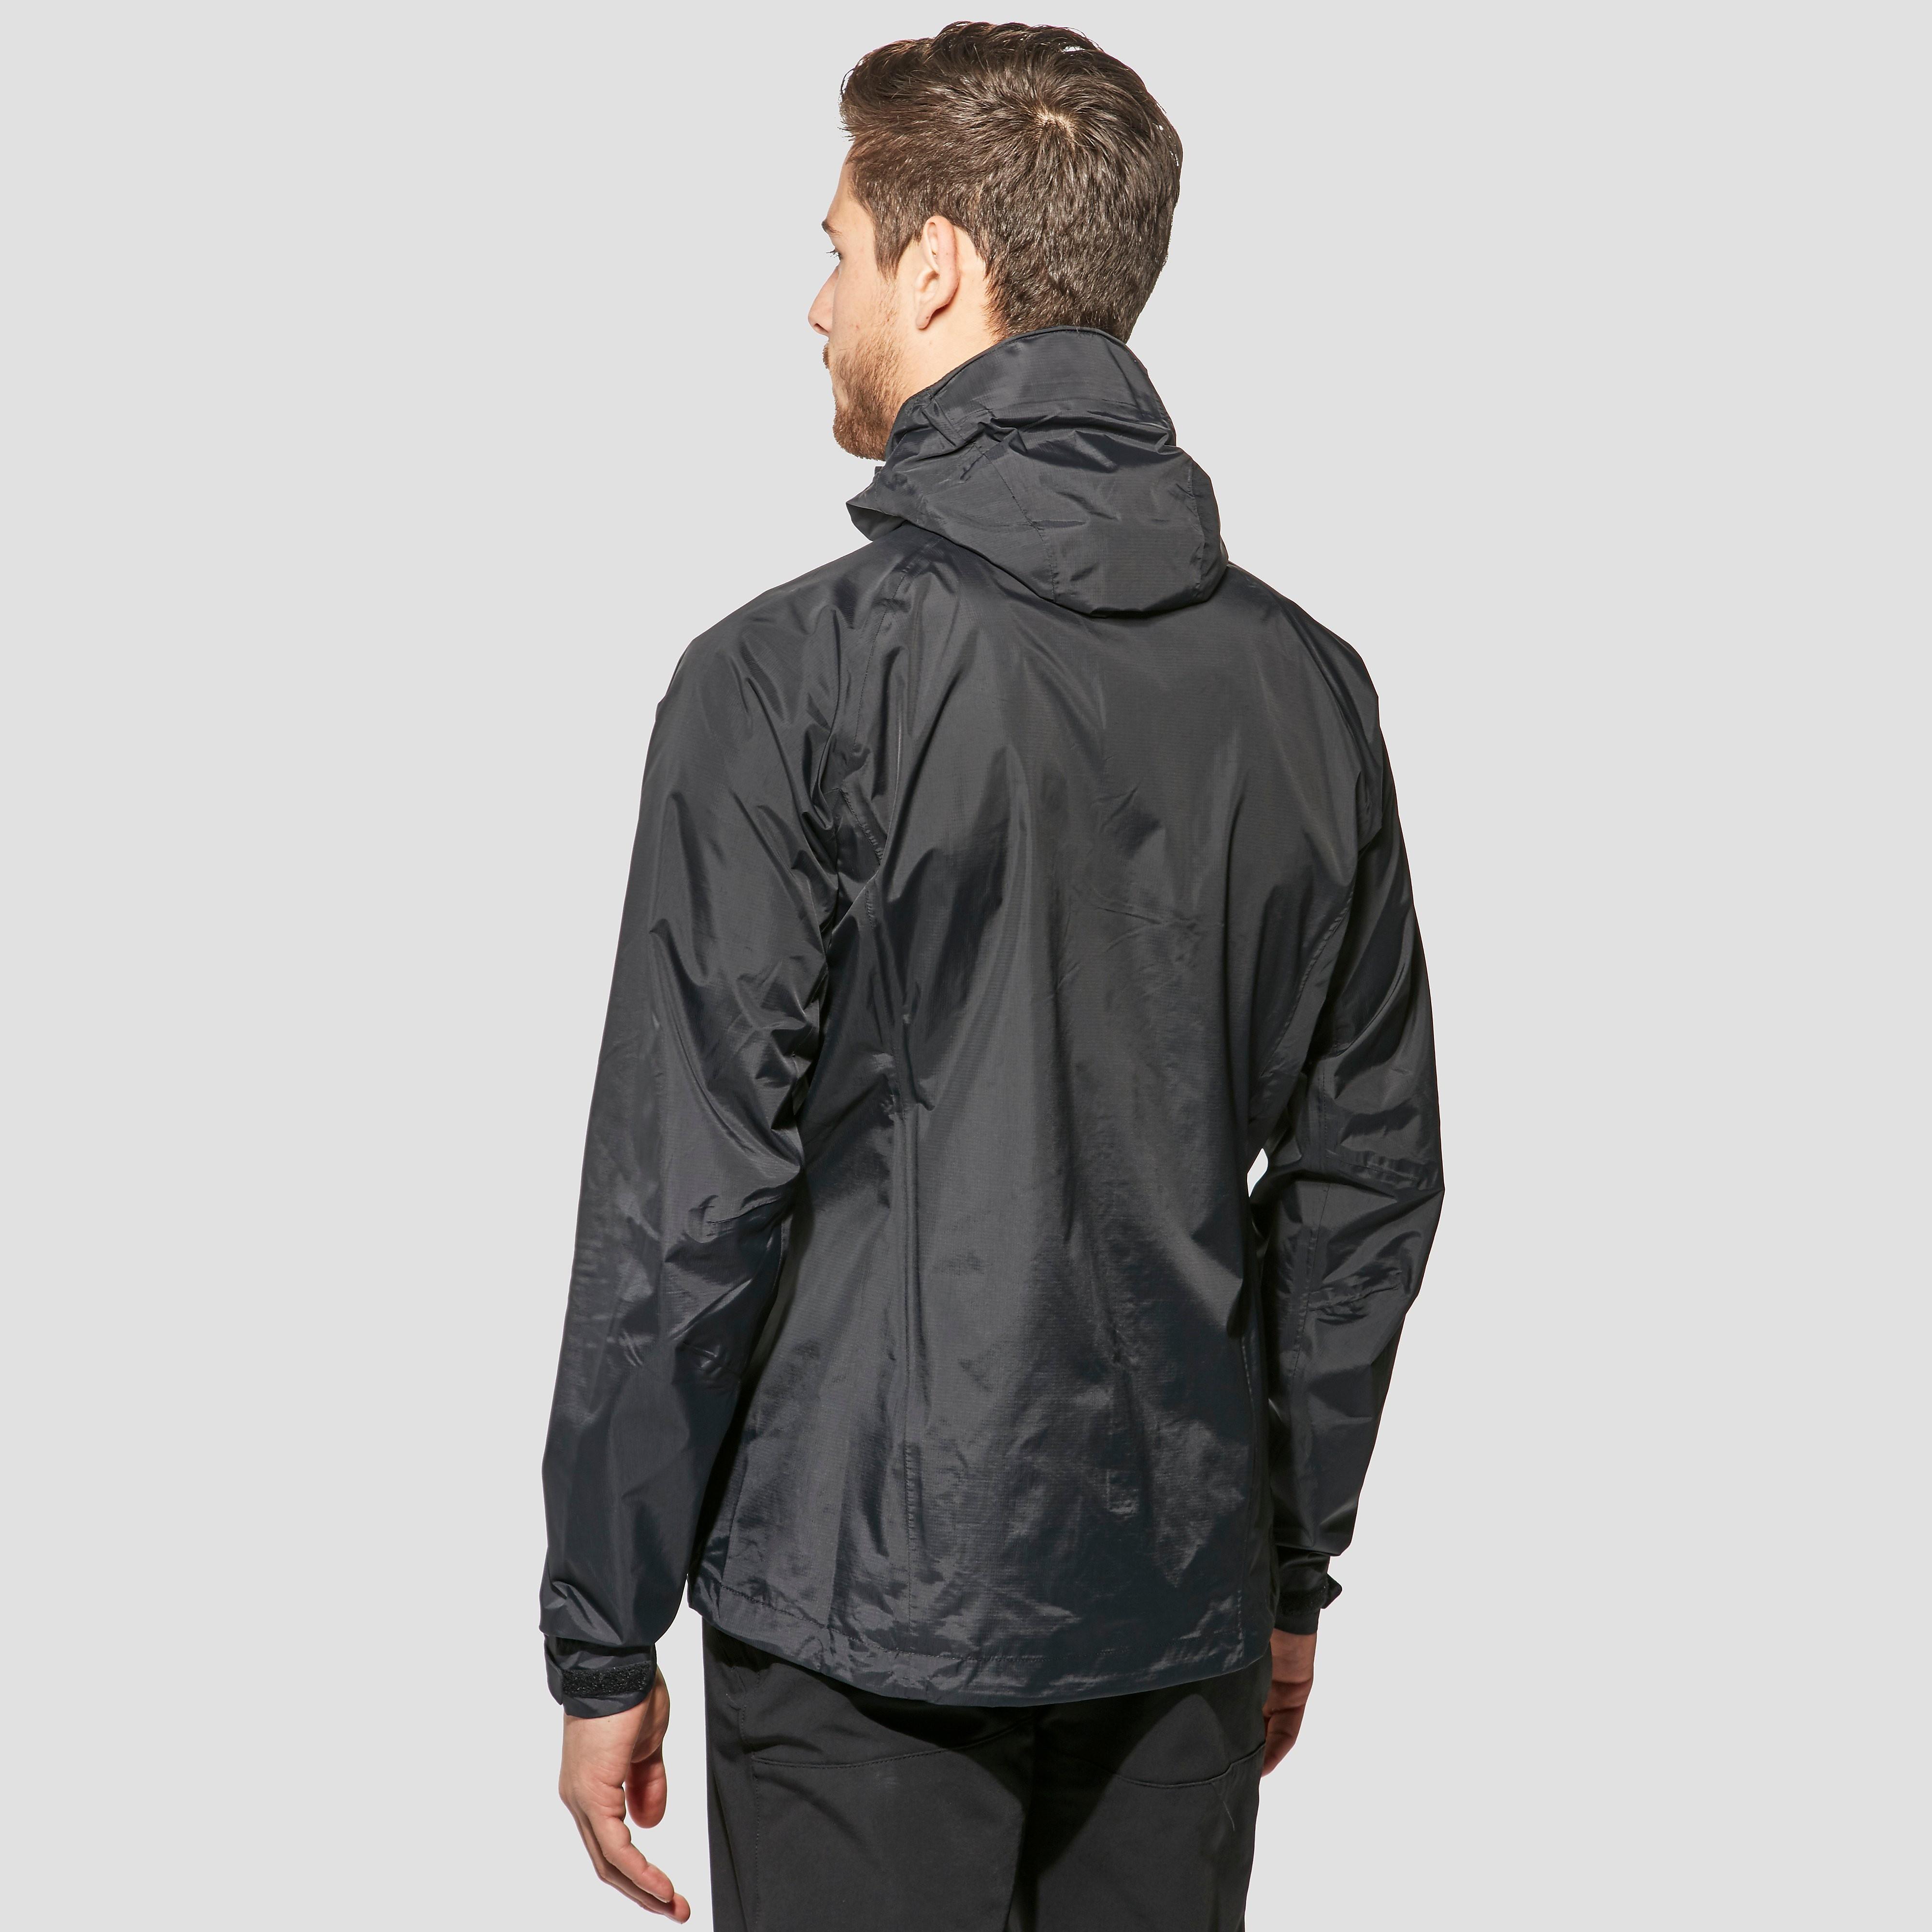 Montane Atomic II Men's Jacket